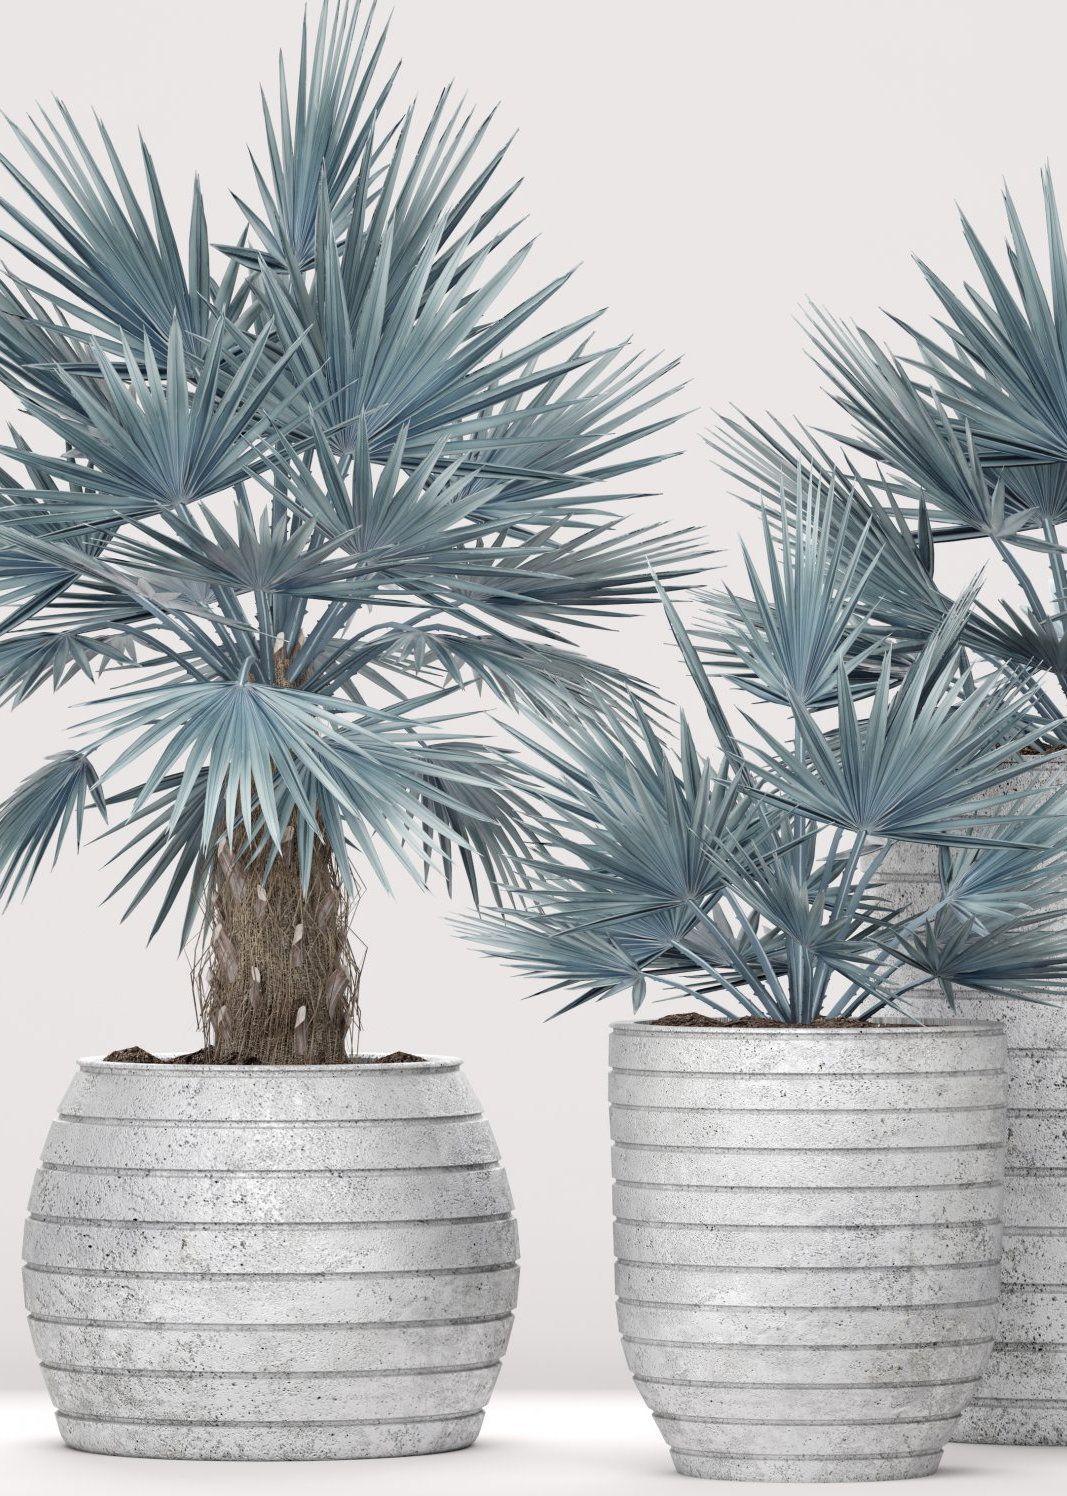 palmeiras azuis foram plantadas em vasos similares para compor um projeto de decoração de interiores